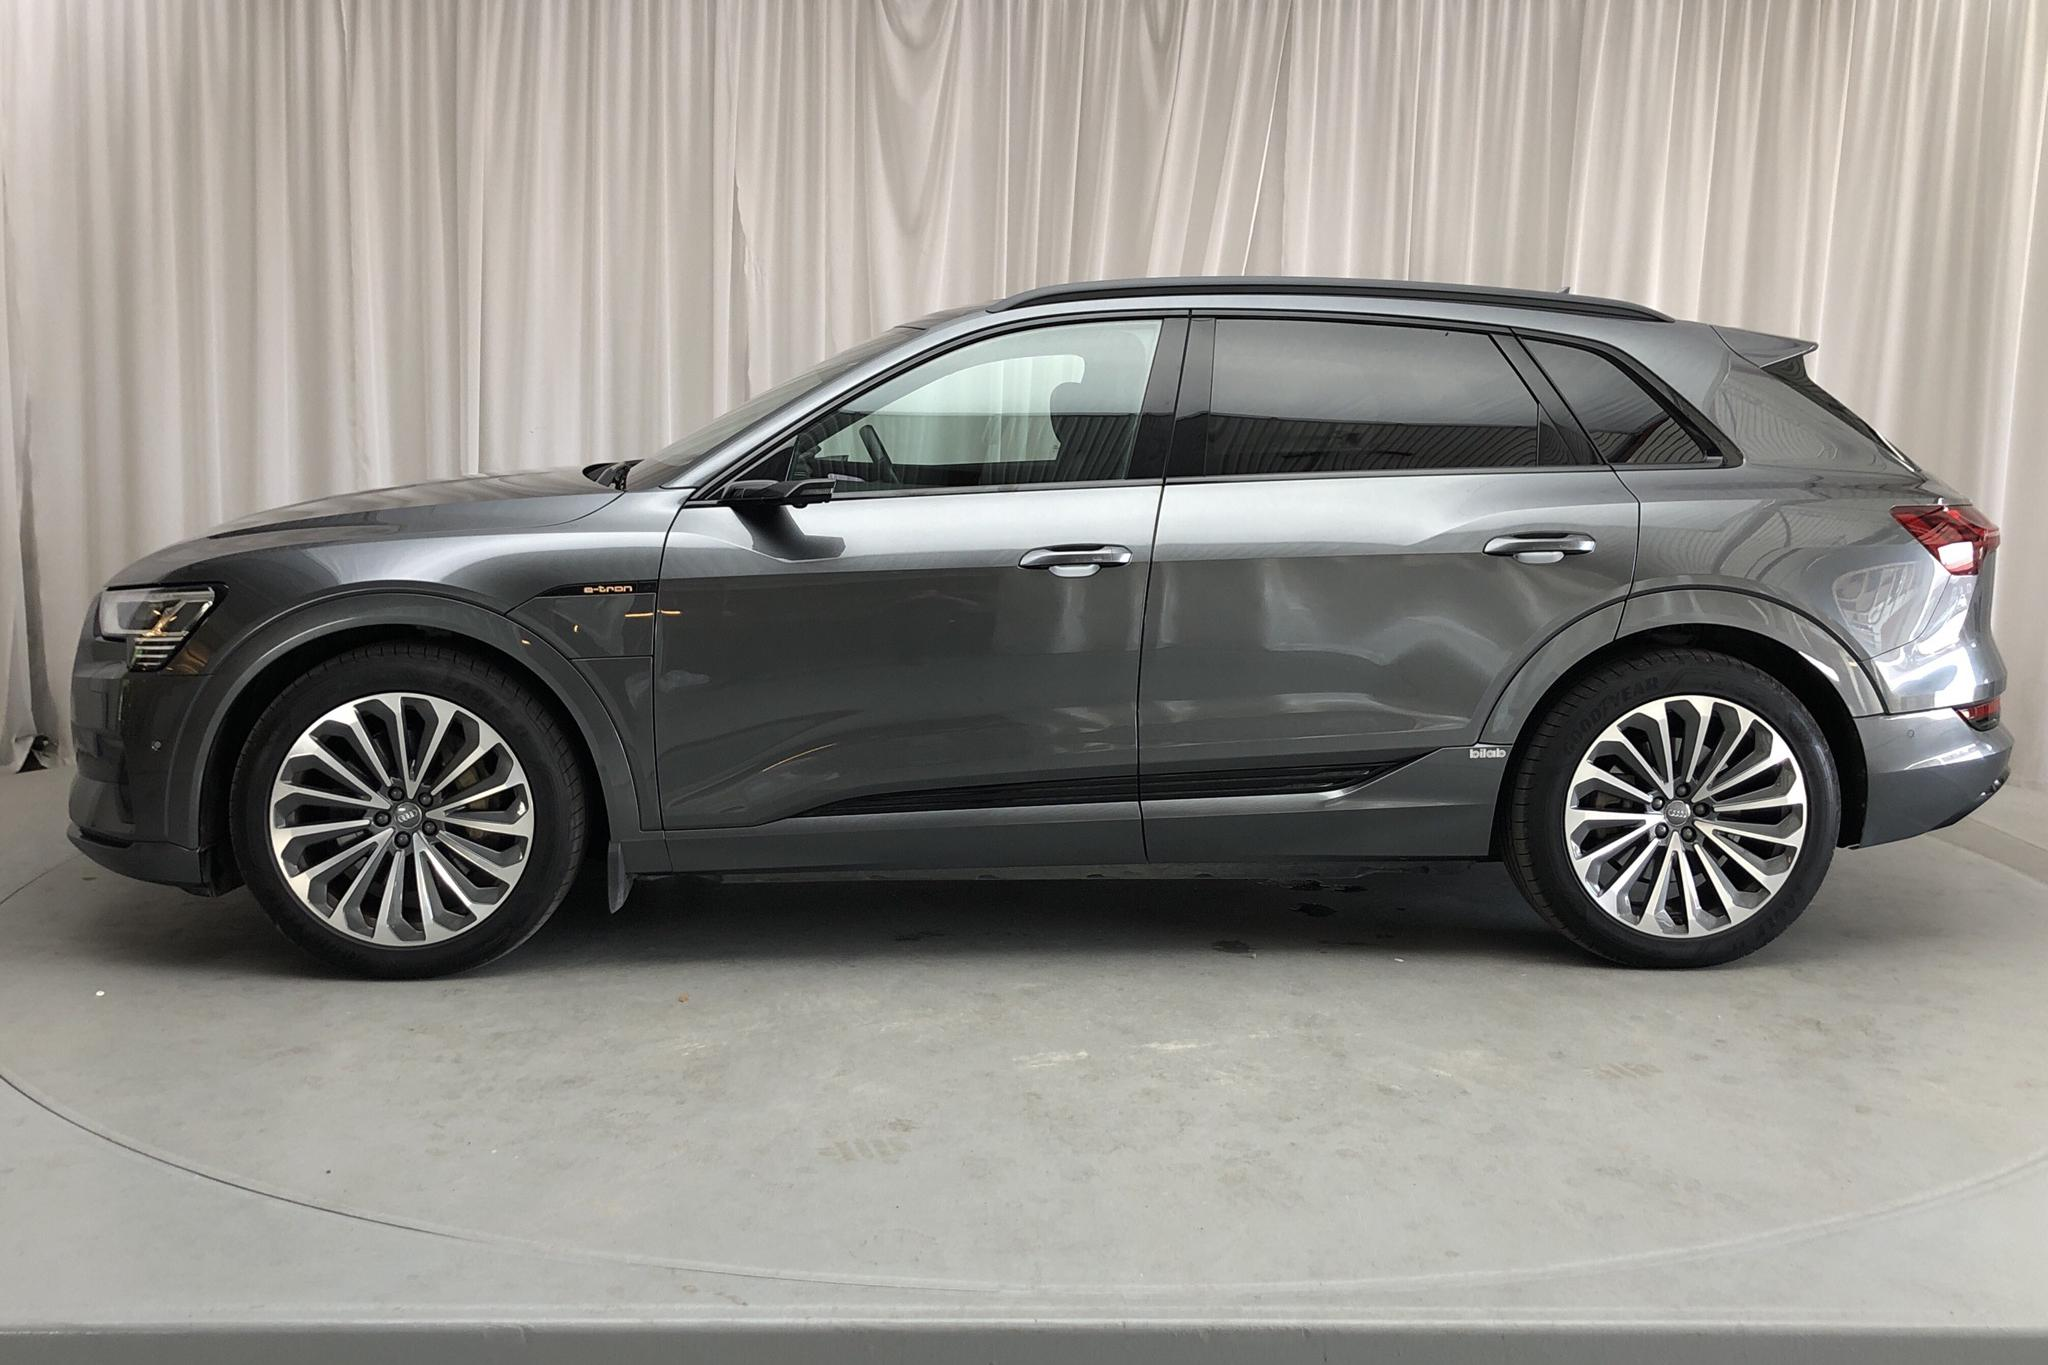 Audi e-tron 55 quattro 95 kWh (360hk) - 26 720 km - Automatic - gray - 2020